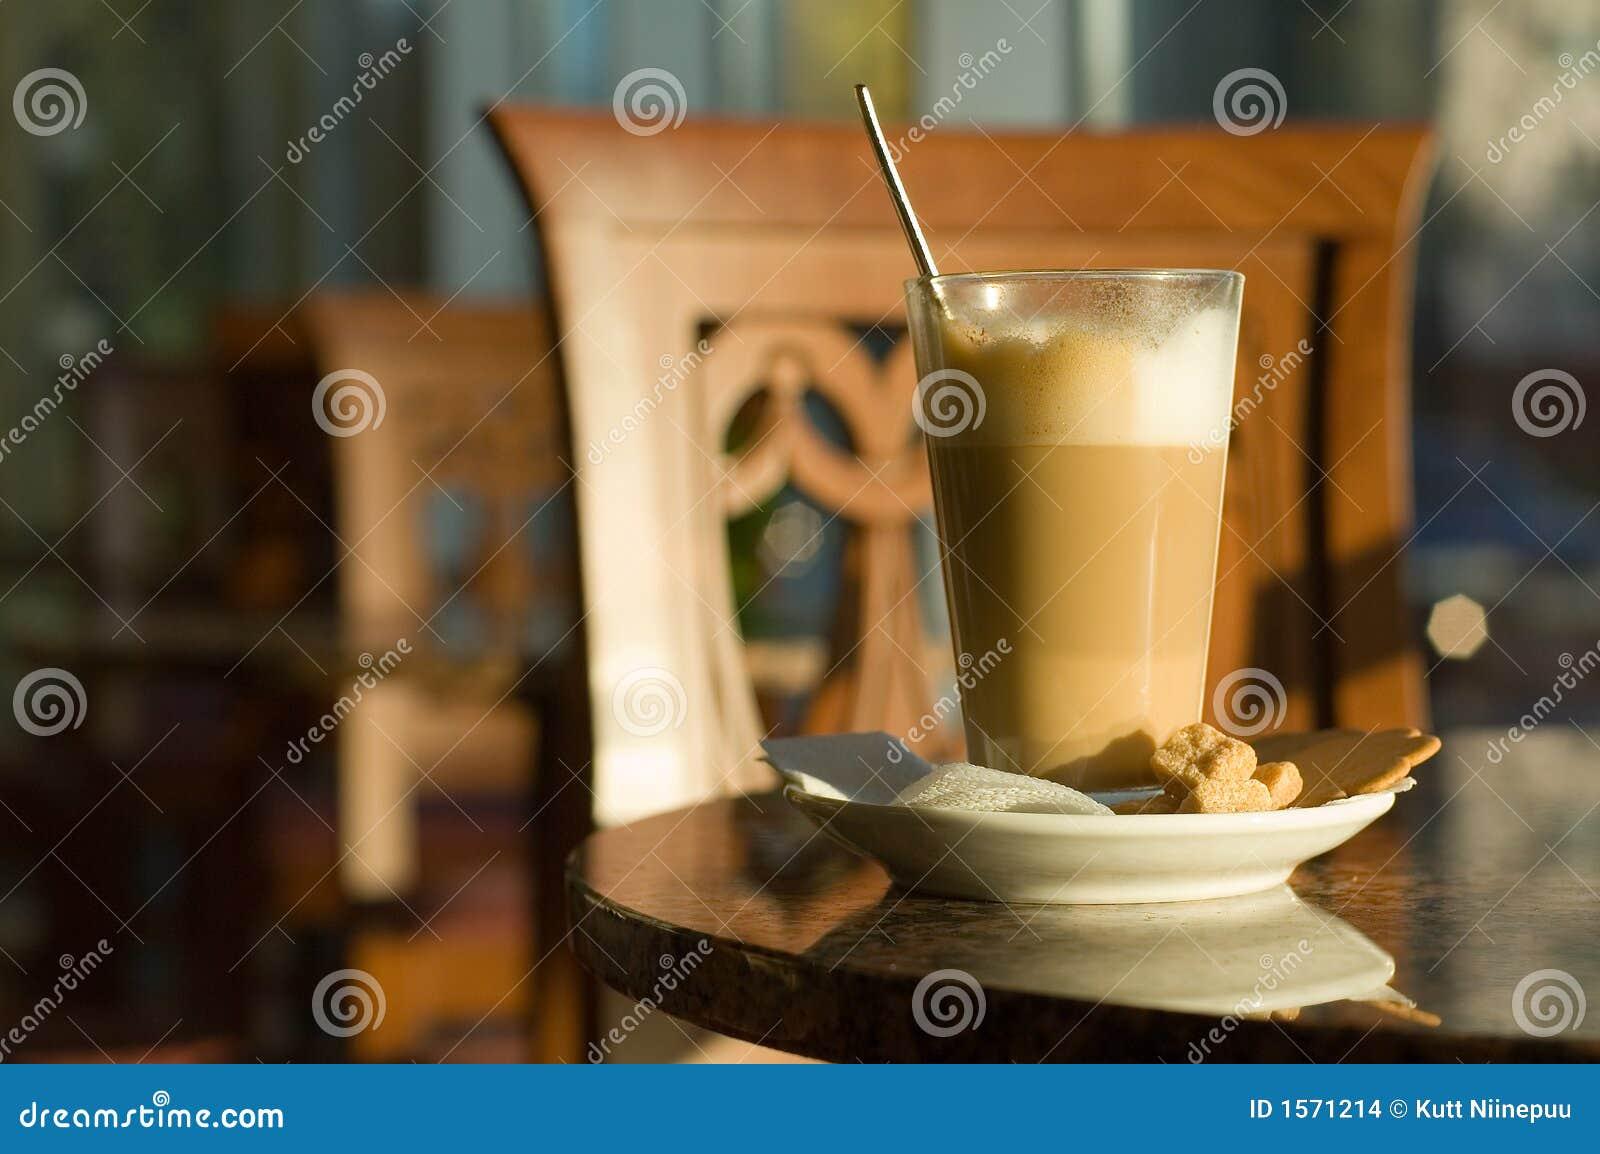 caffe latte stockfoto bild von gef rbt braun essen 1571214. Black Bedroom Furniture Sets. Home Design Ideas